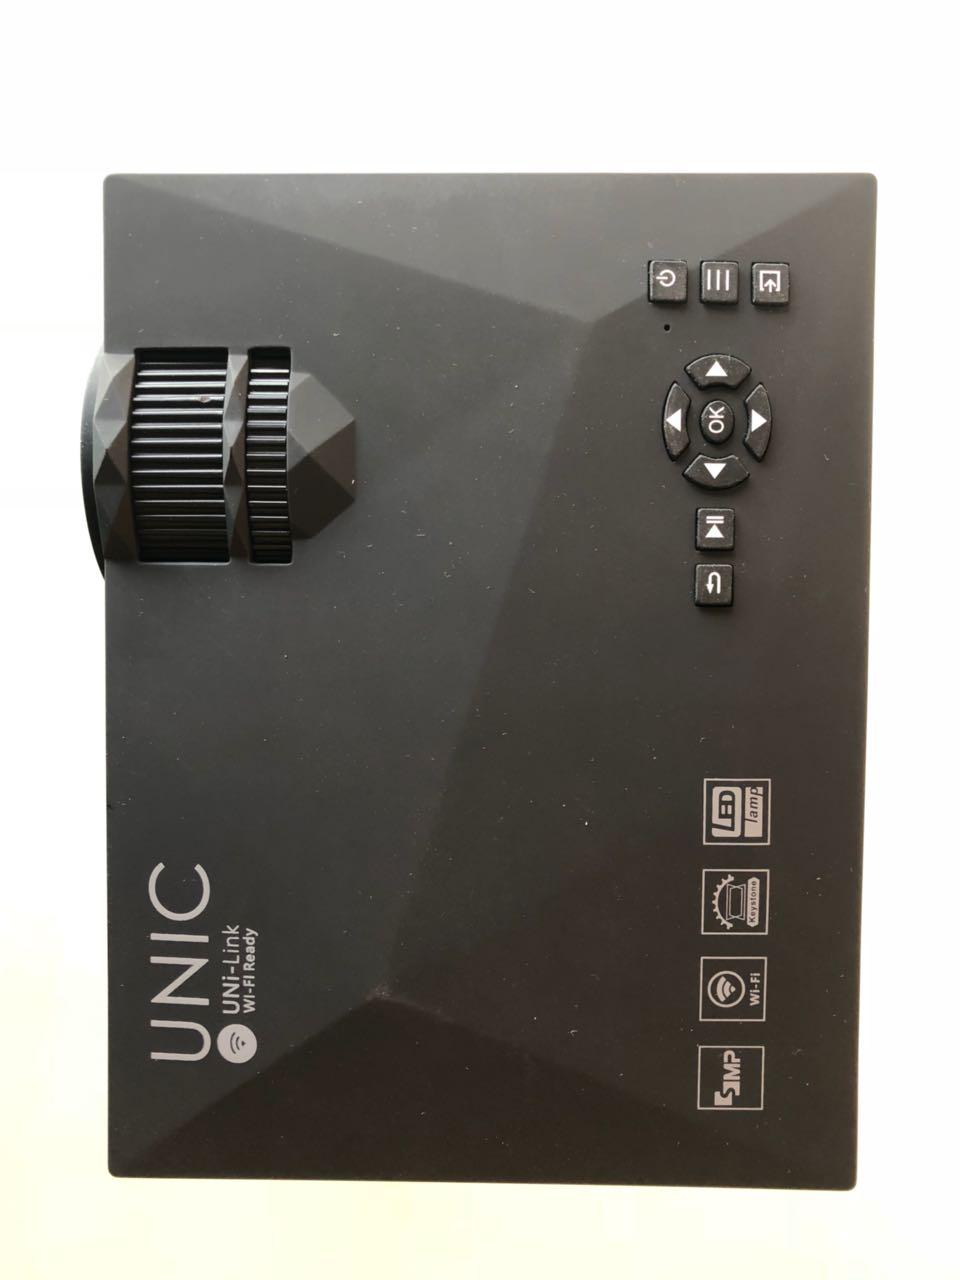 IMG-20180206-WA0014